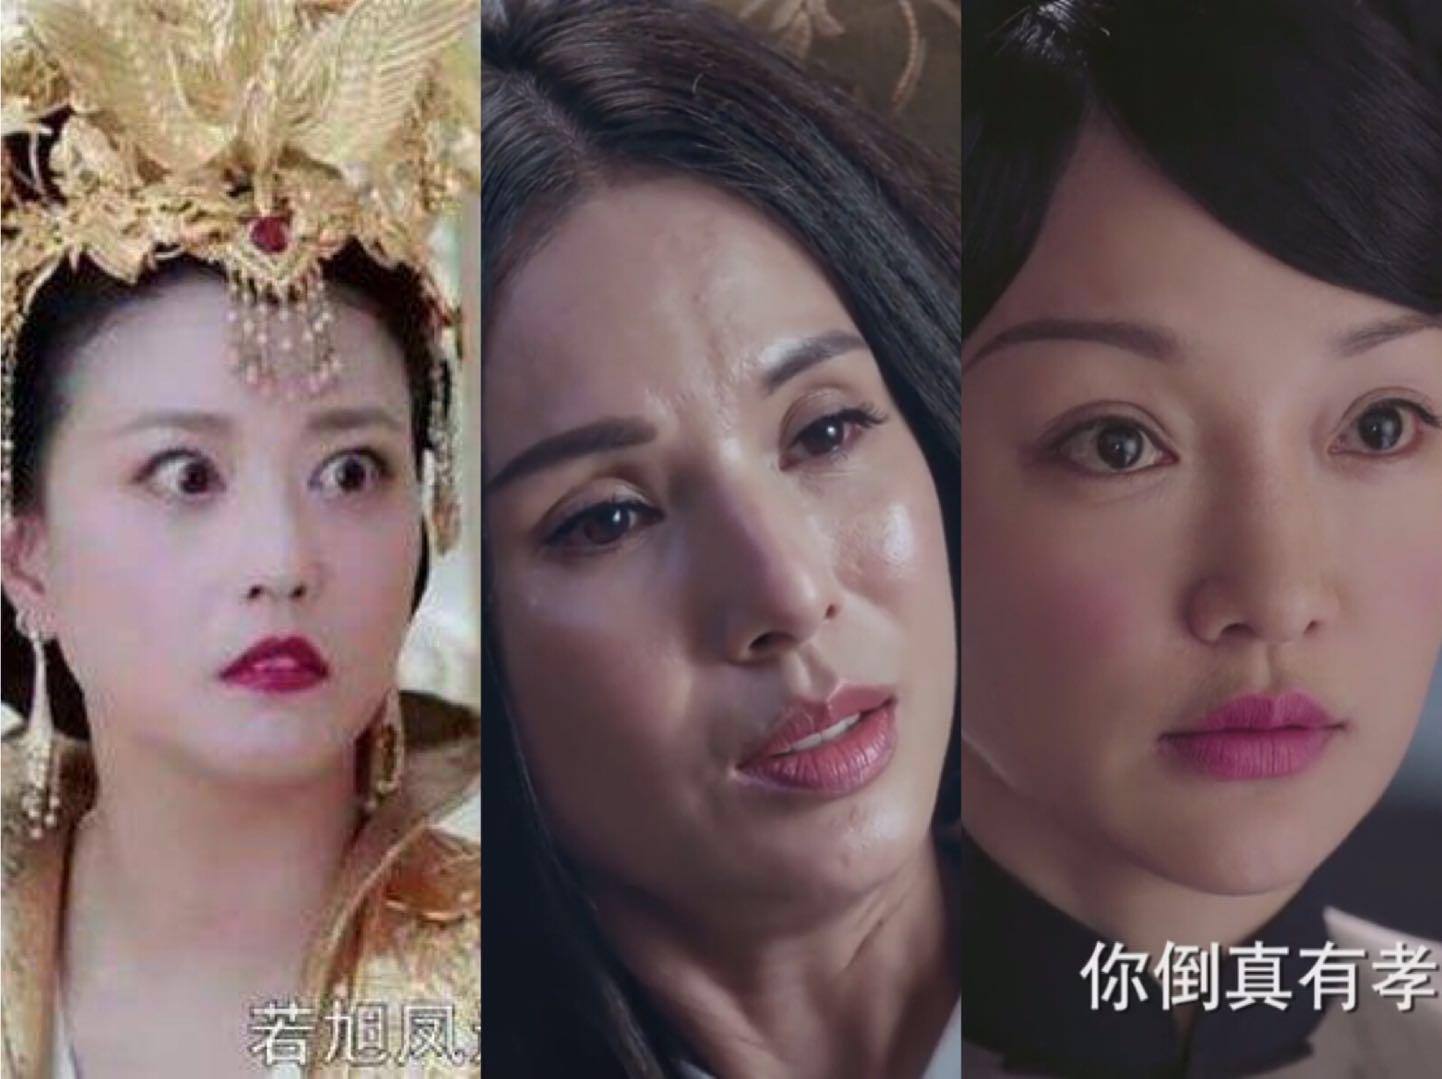 51岁周海媚和43岁周迅扮演角色被吐槽,无P图的李若彤也无法幸免